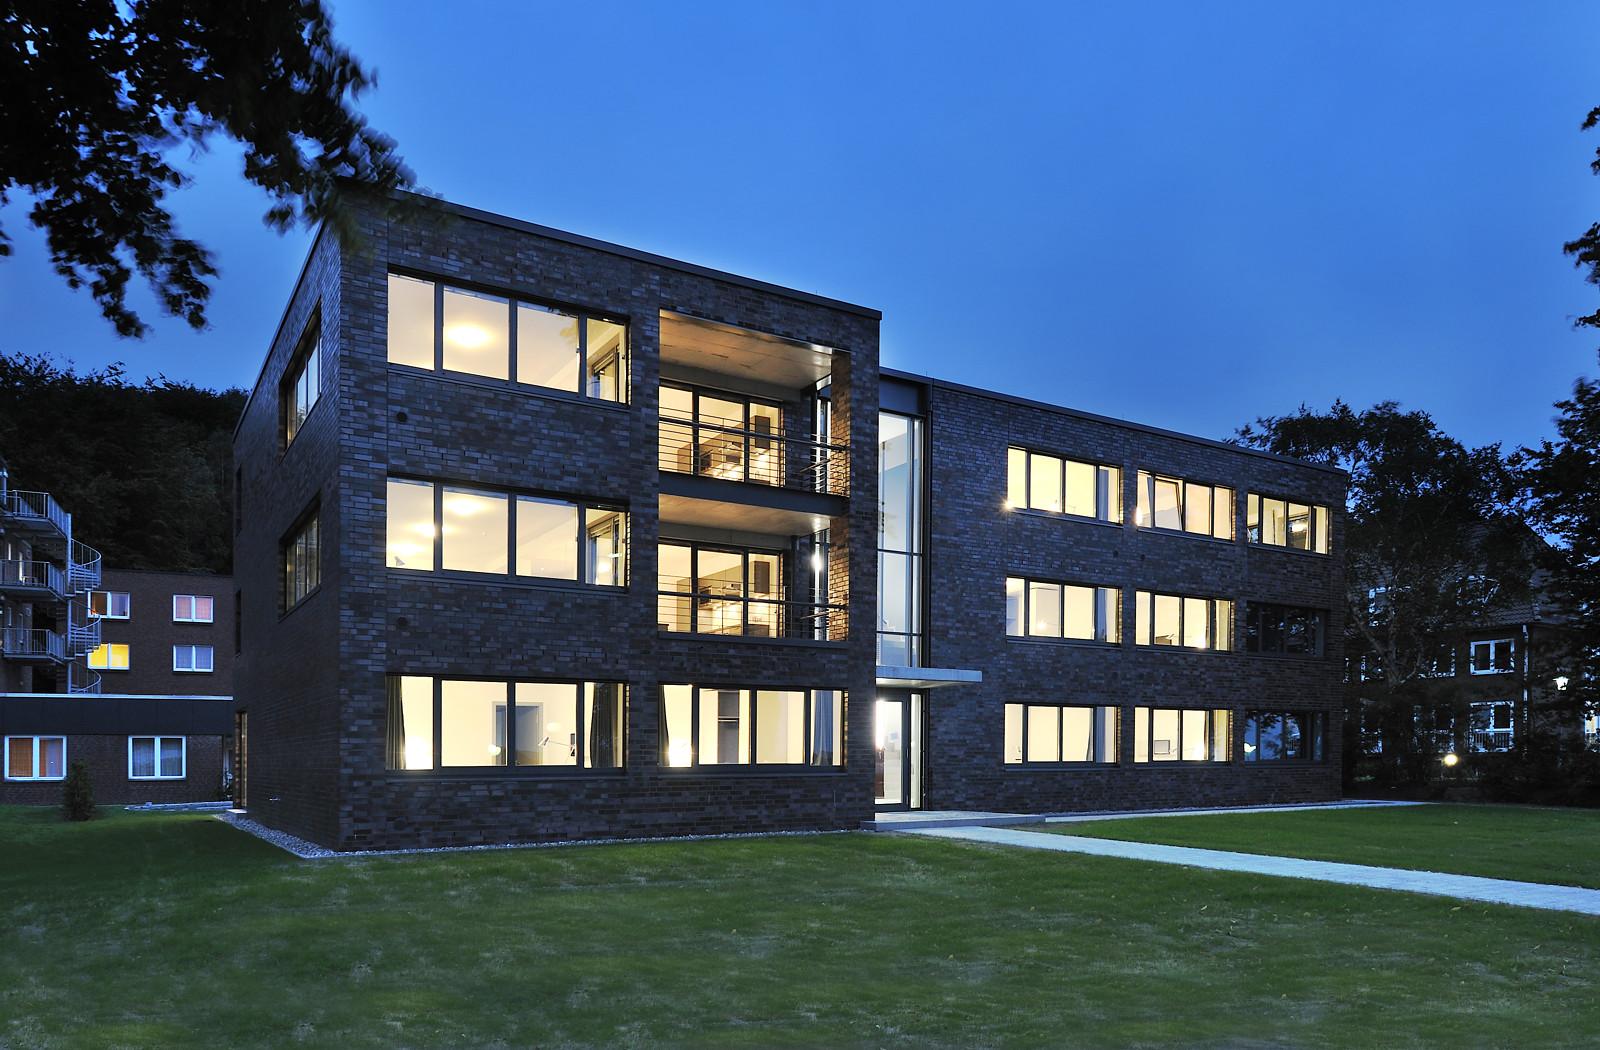 Uni kiel neues g stehaus f r wissenschaftler aus aller welt for Uni architektur